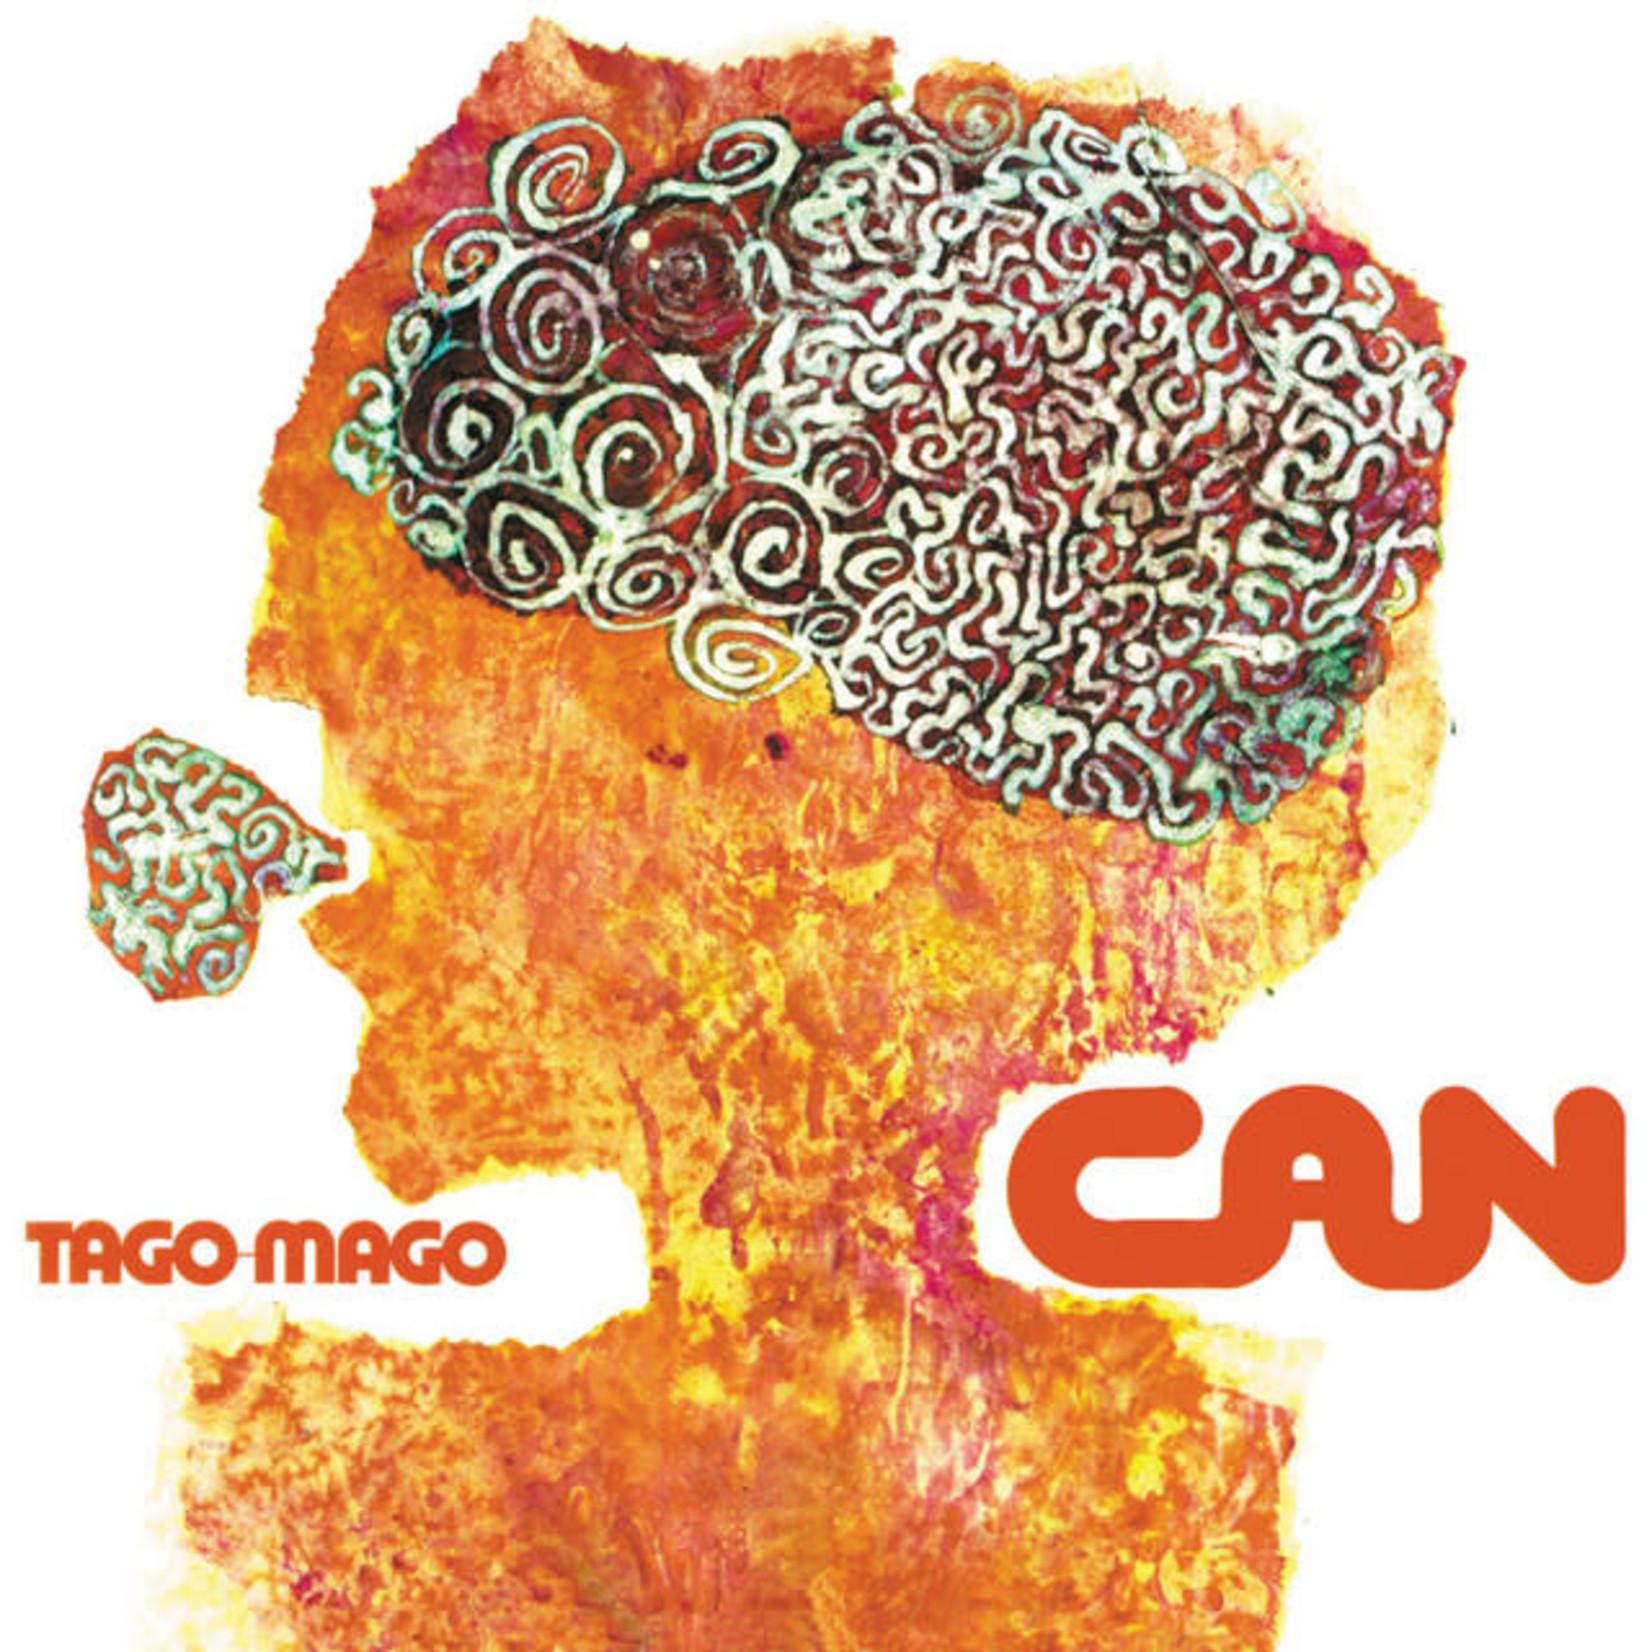 Vinyl Can - Tago Mago